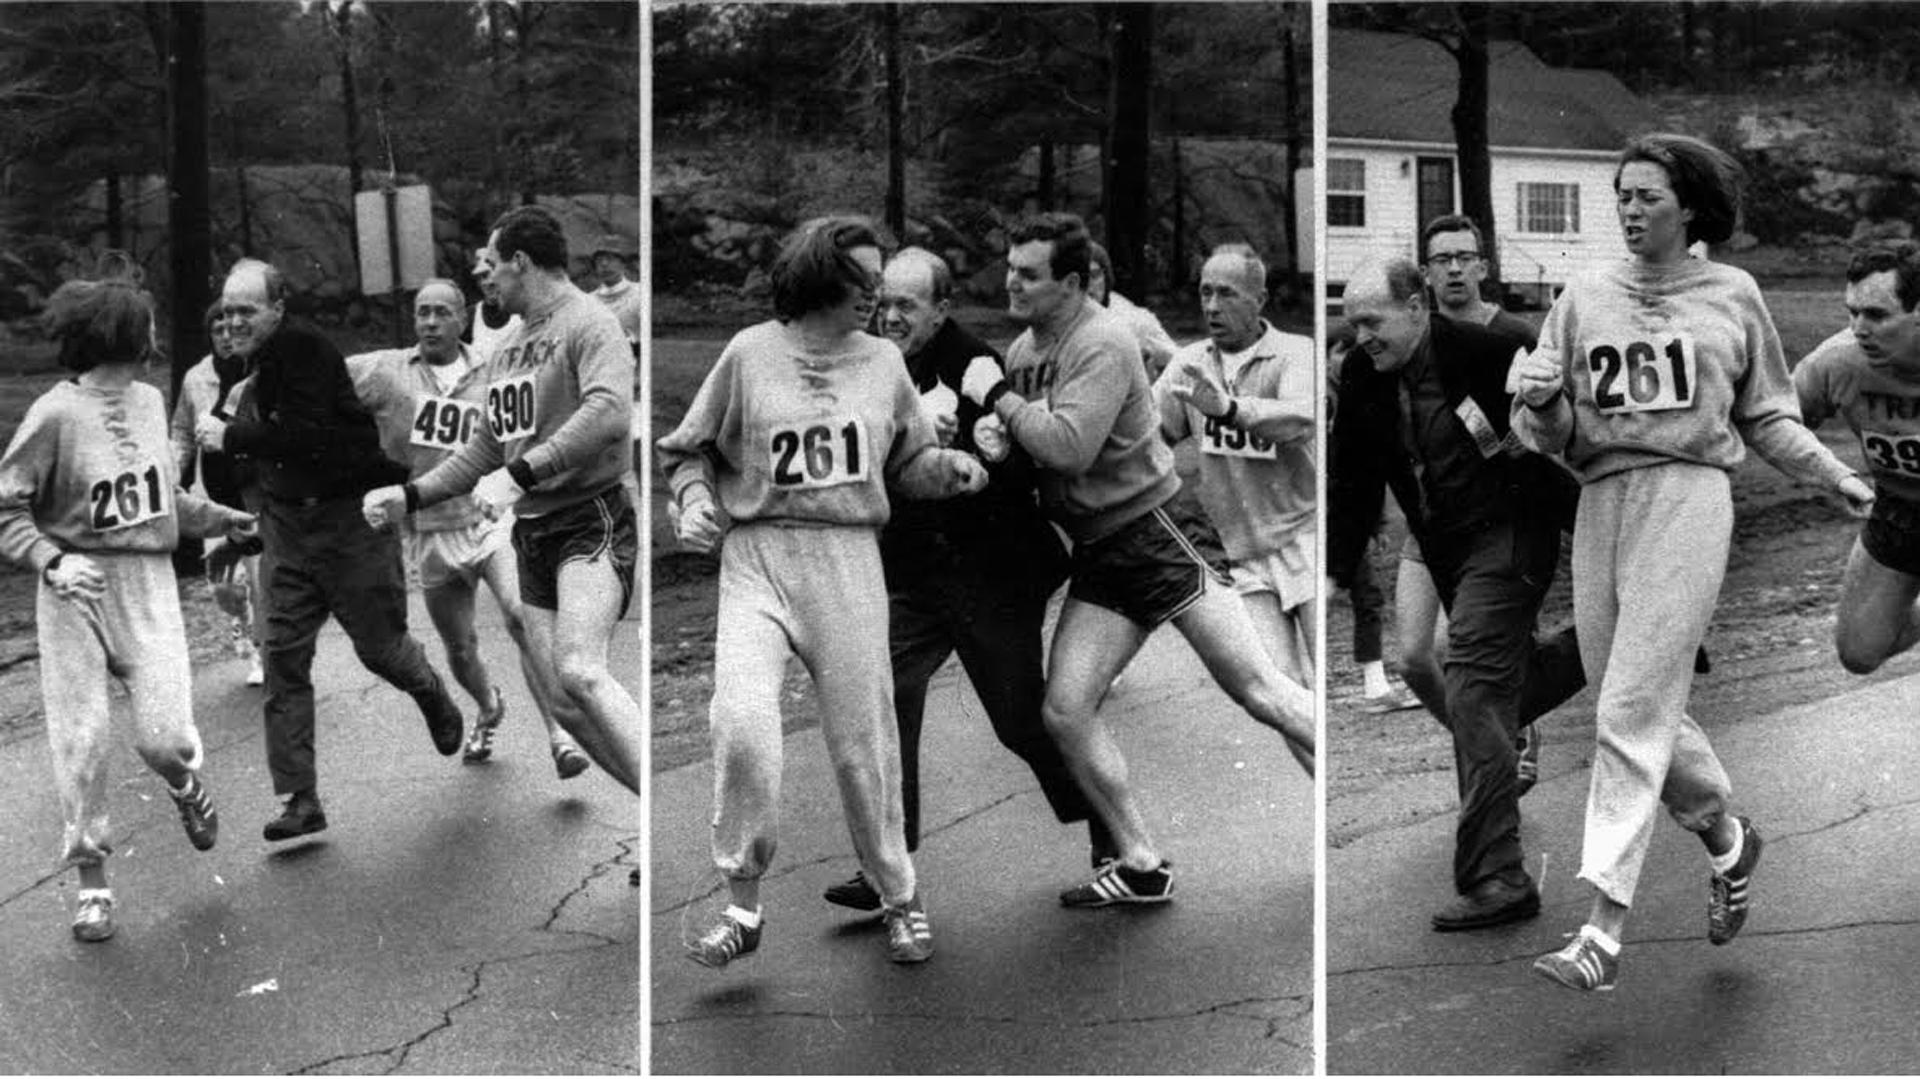 La foto icónica que cambió para siempre la historia del atletismo